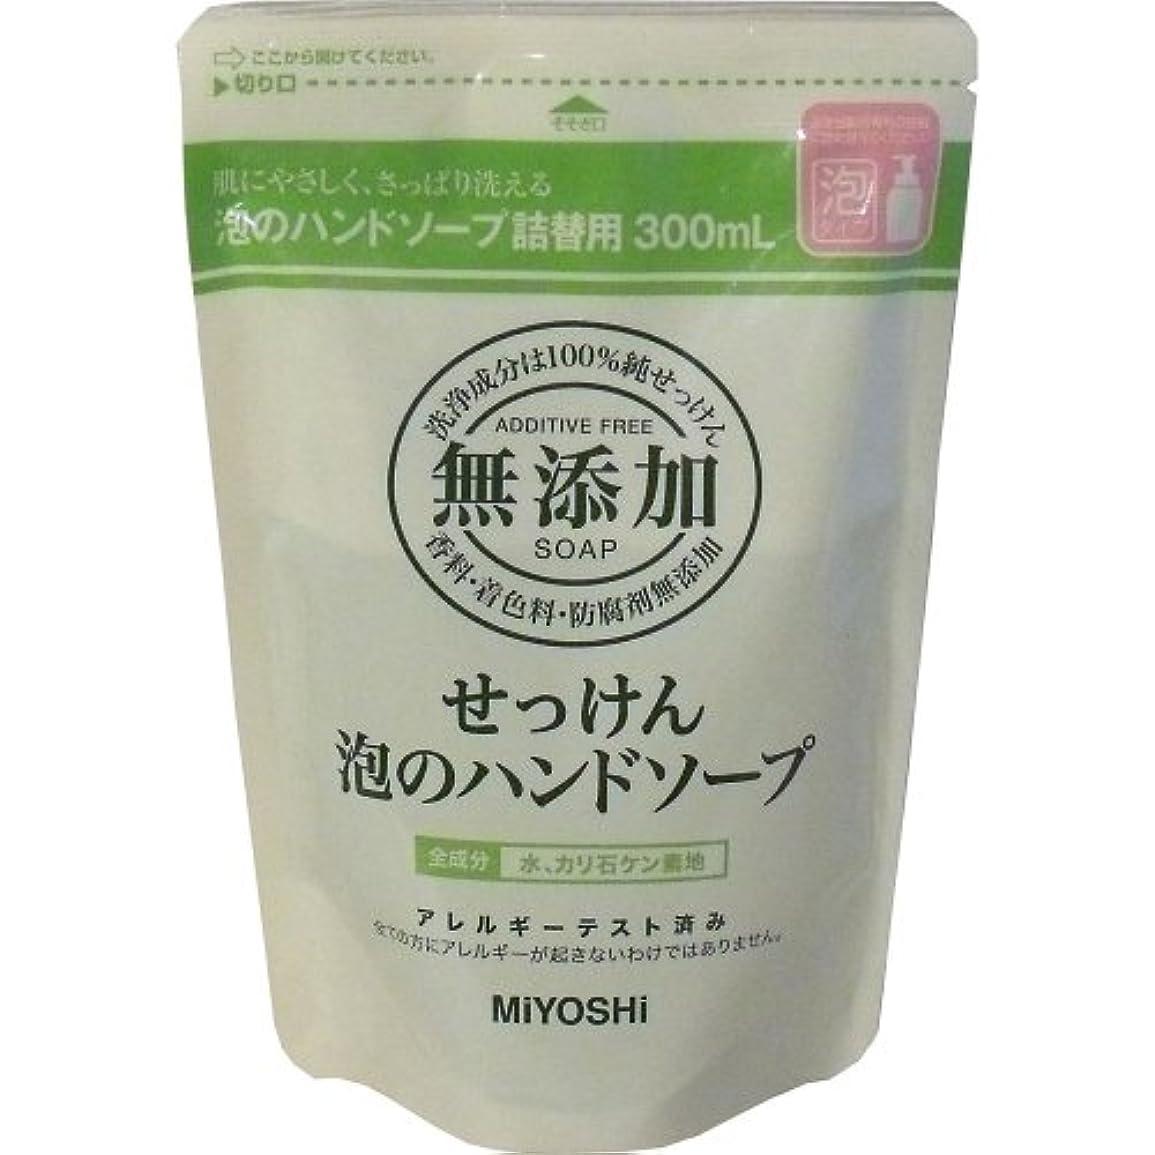 項目さようなら観察するミヨシ石鹸 無添加せっけん泡ハンドソープ 詰替用300ml×5